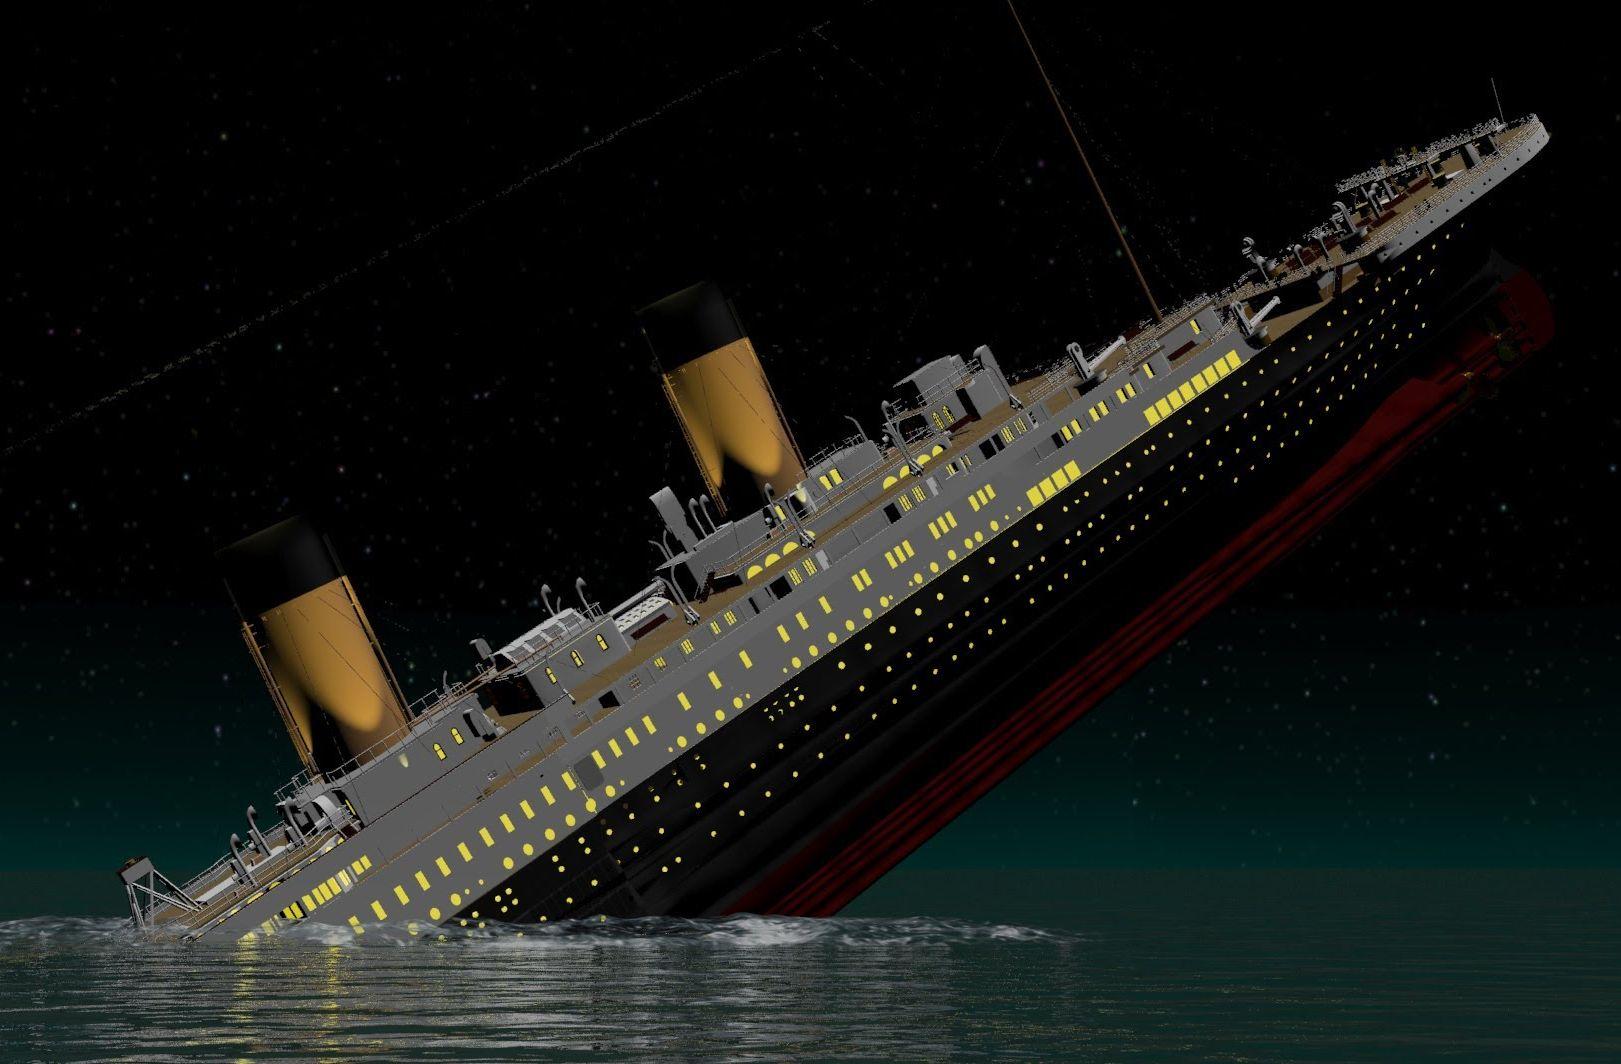 La tragedia del Titanic ¿una Profecía de los Últimos Tiempos?